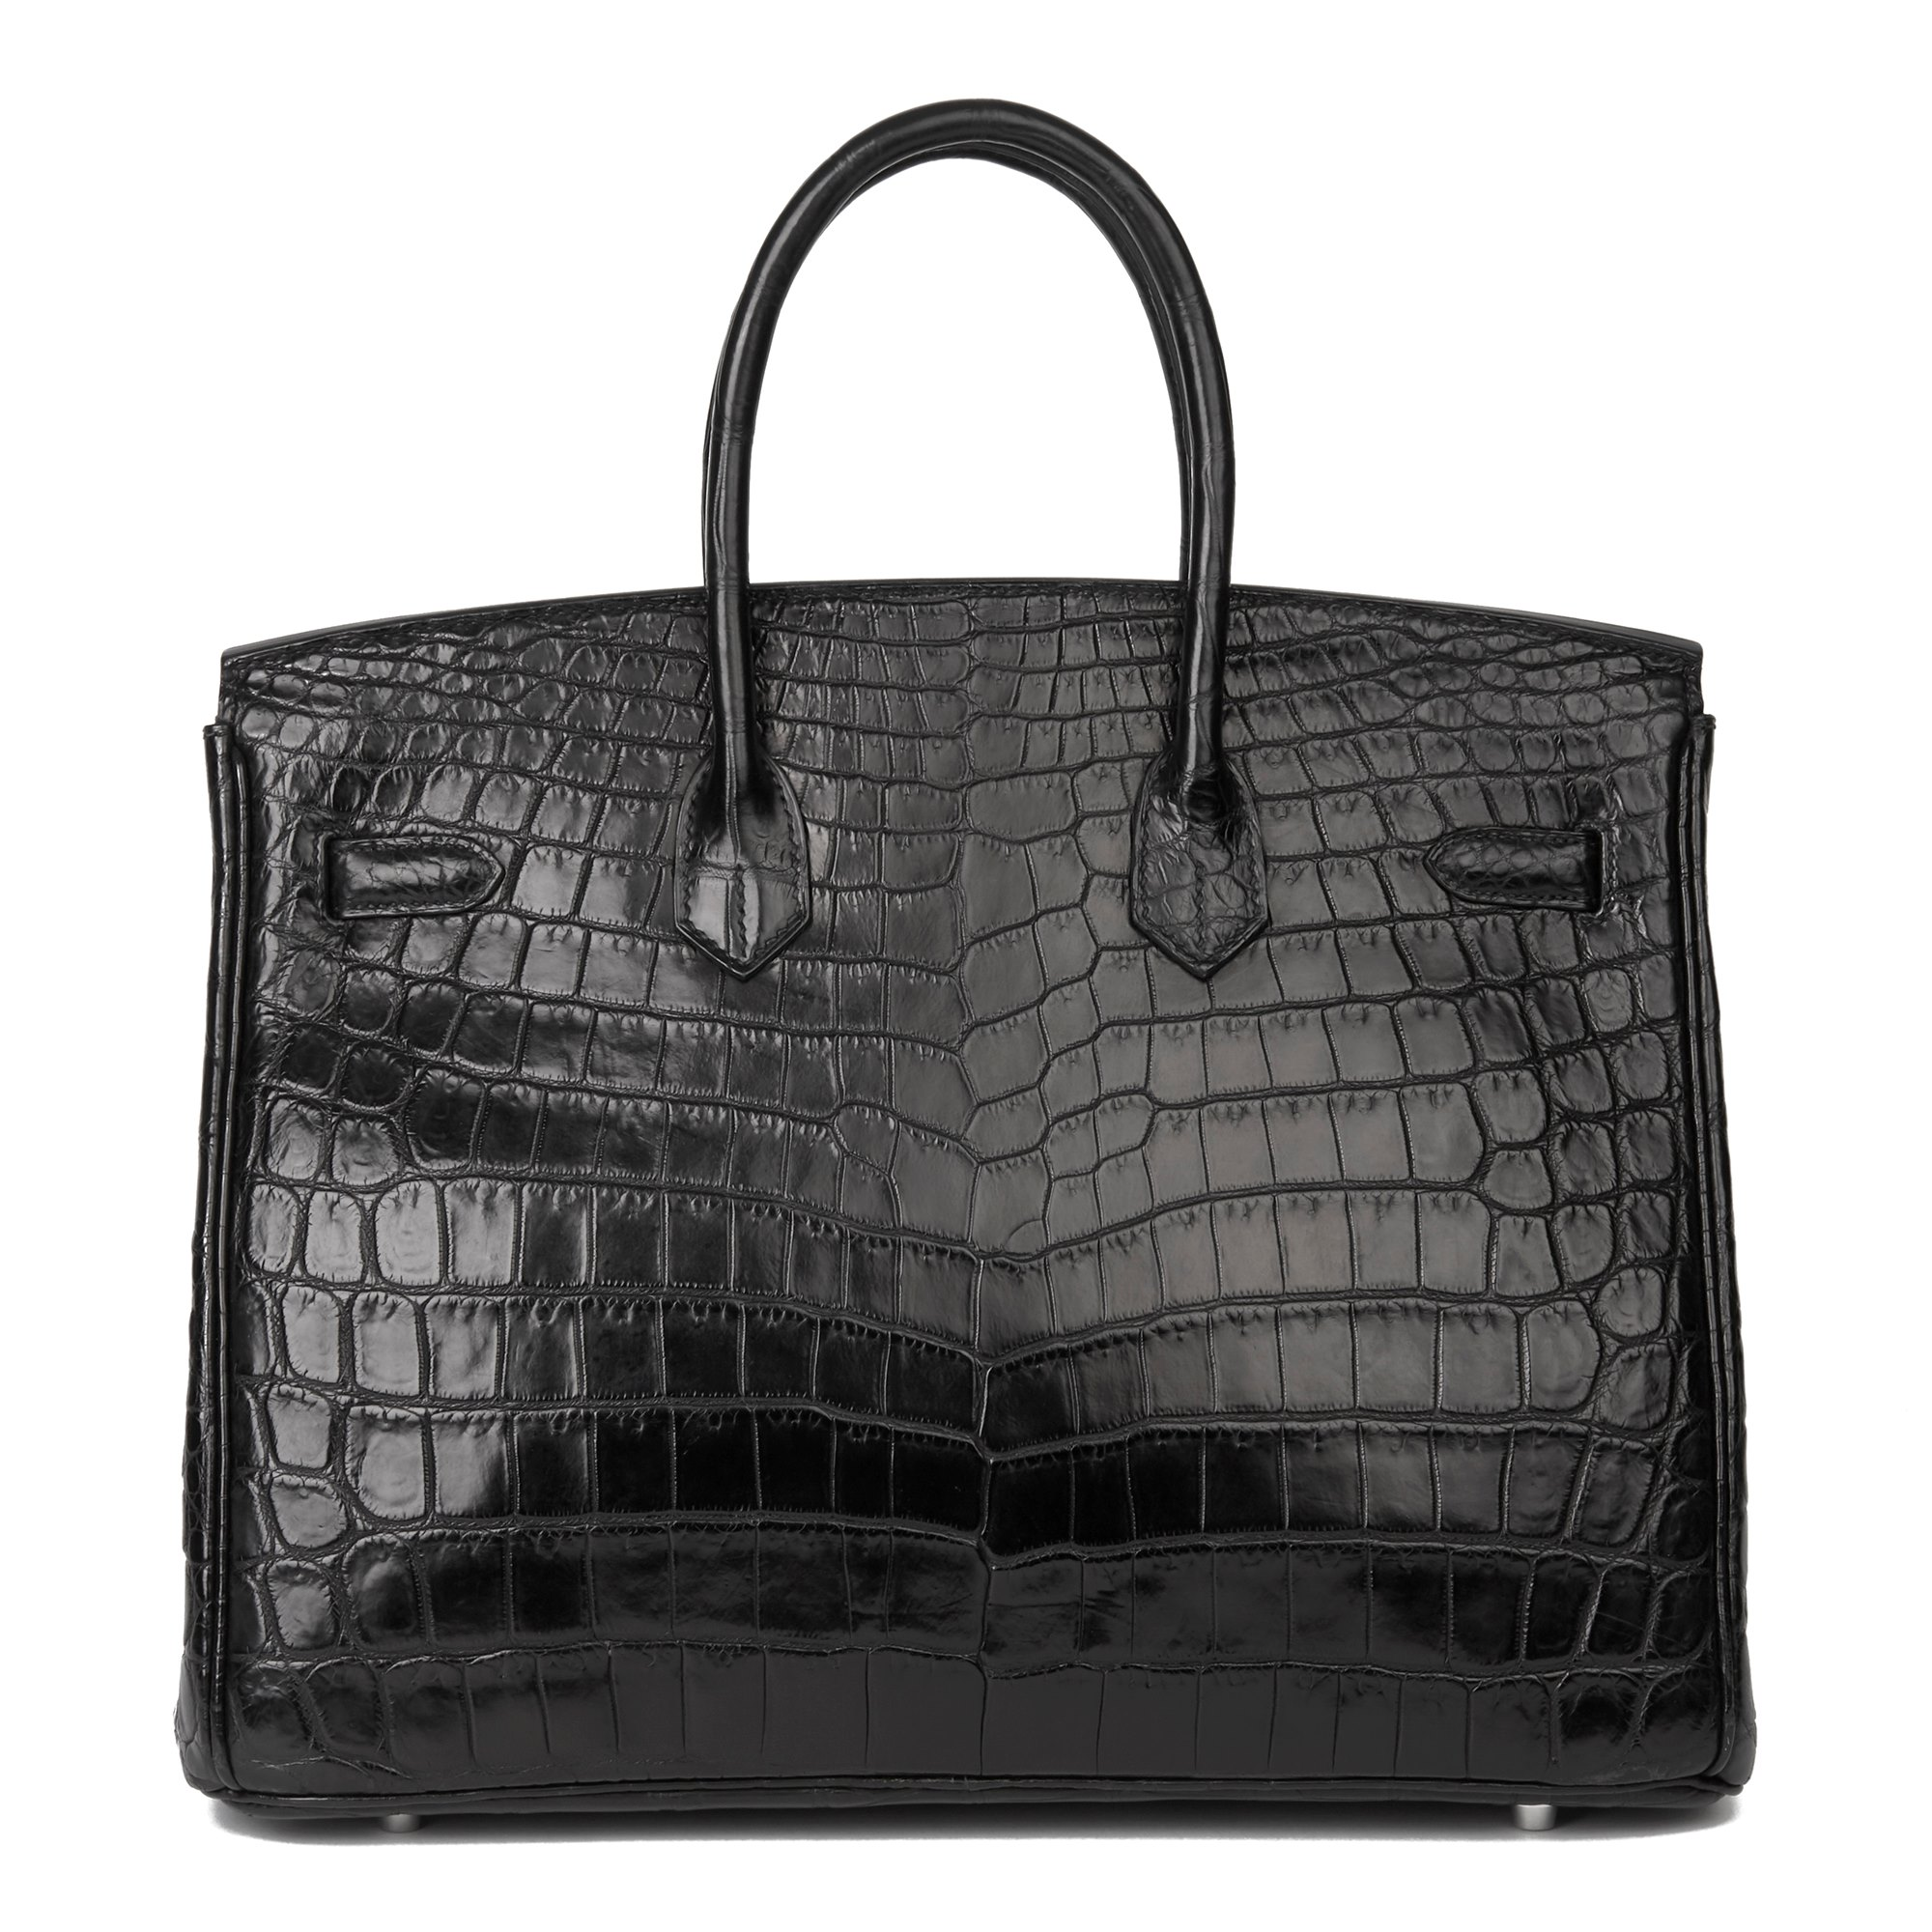 Hermès Black Matte Niloticus Crocodile Leather Birkin 35cm